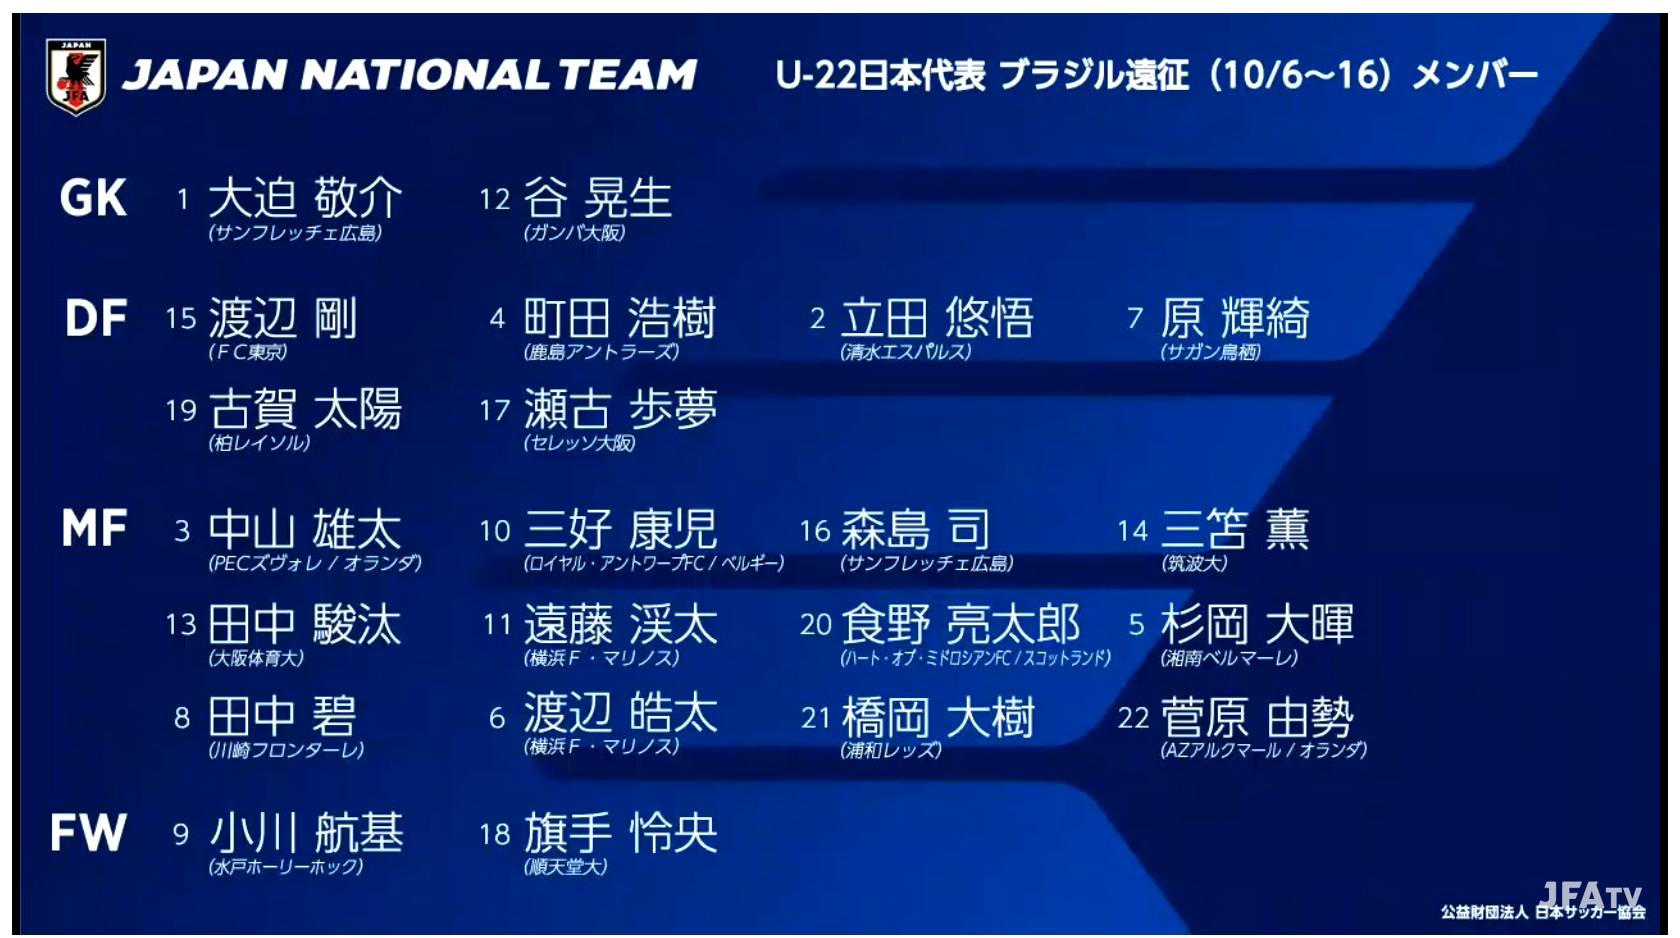 10月6日からブラジル遠征を行うU-22代表も発表された。